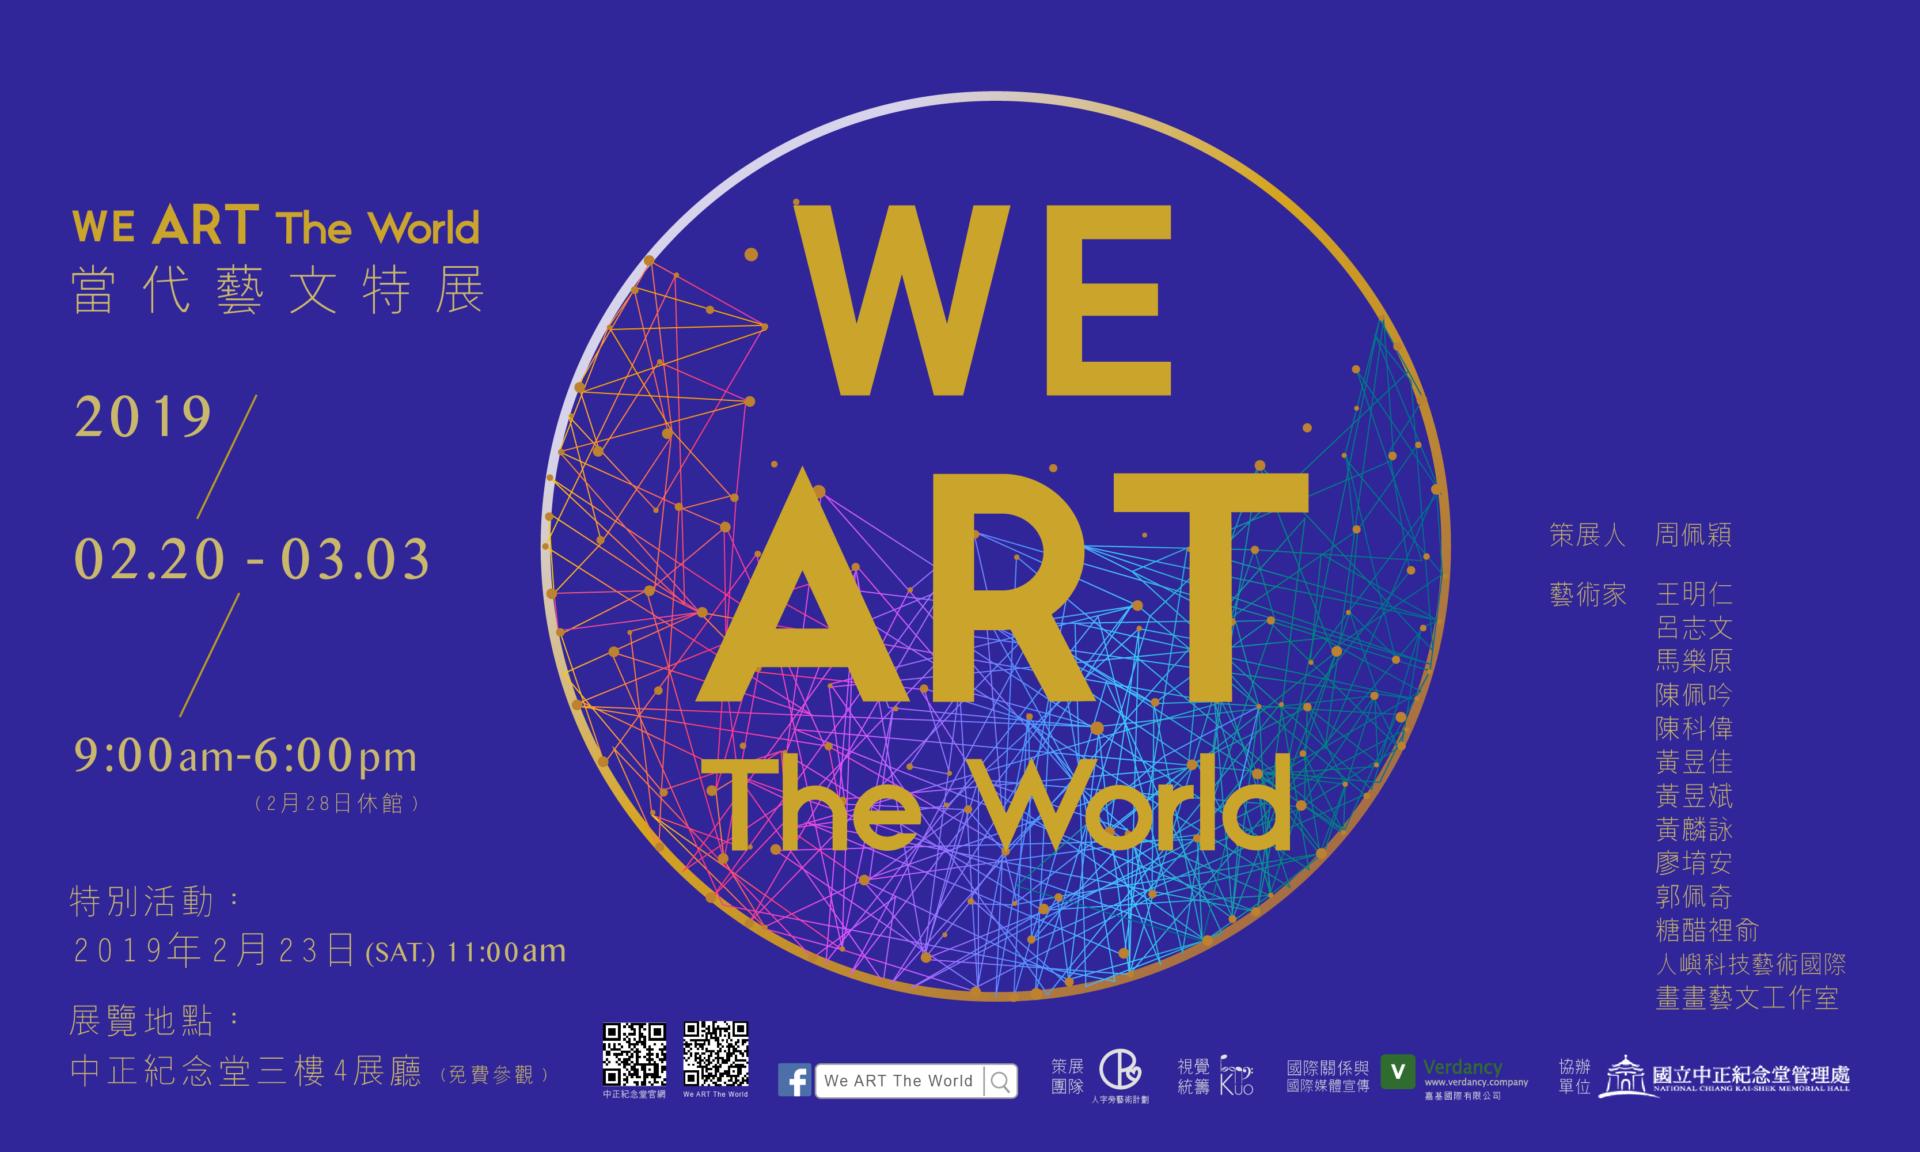 國立中正紀念堂管理處:2019/02/20-2019/03/03【We ART The World 當代藝文特展】